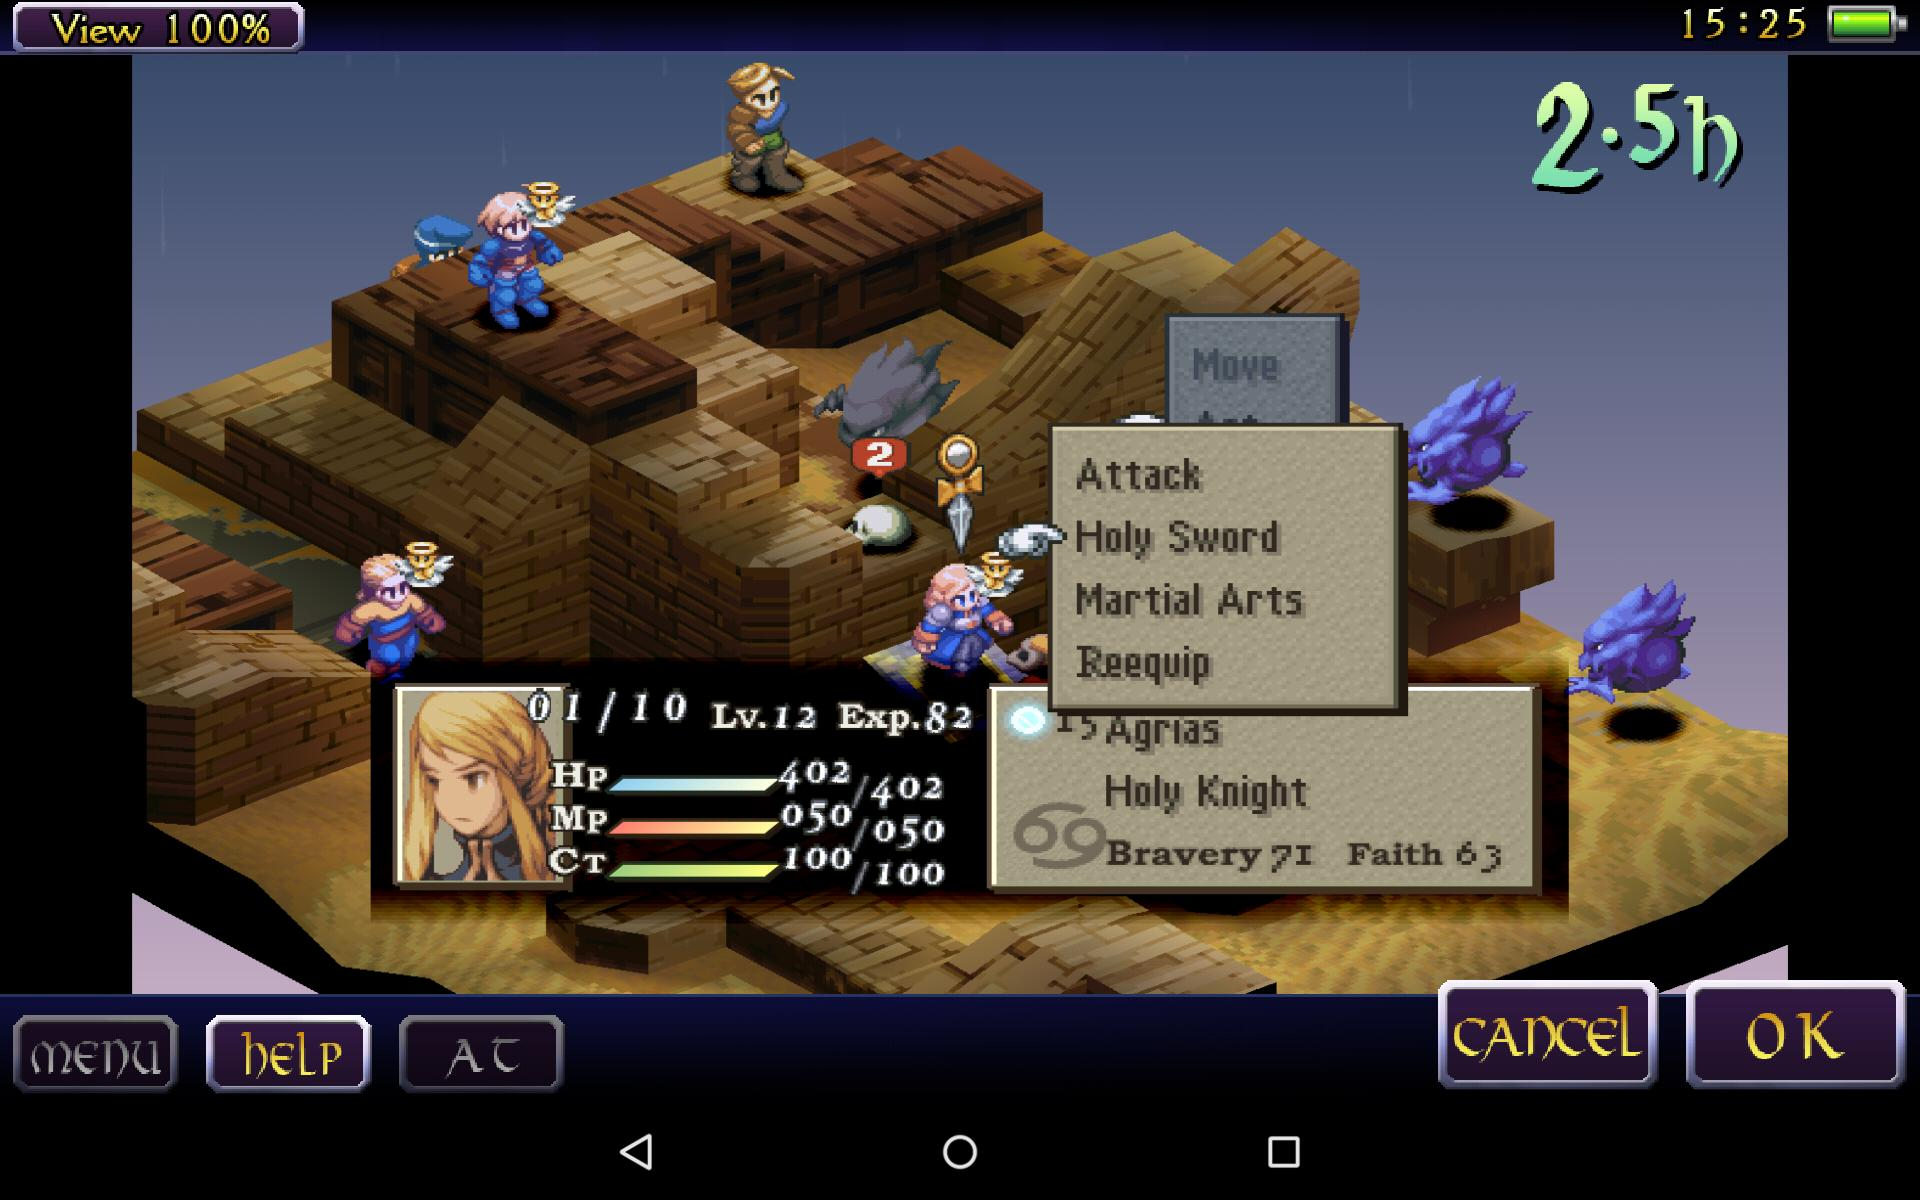 final fantasy tactics 2.0 apk download